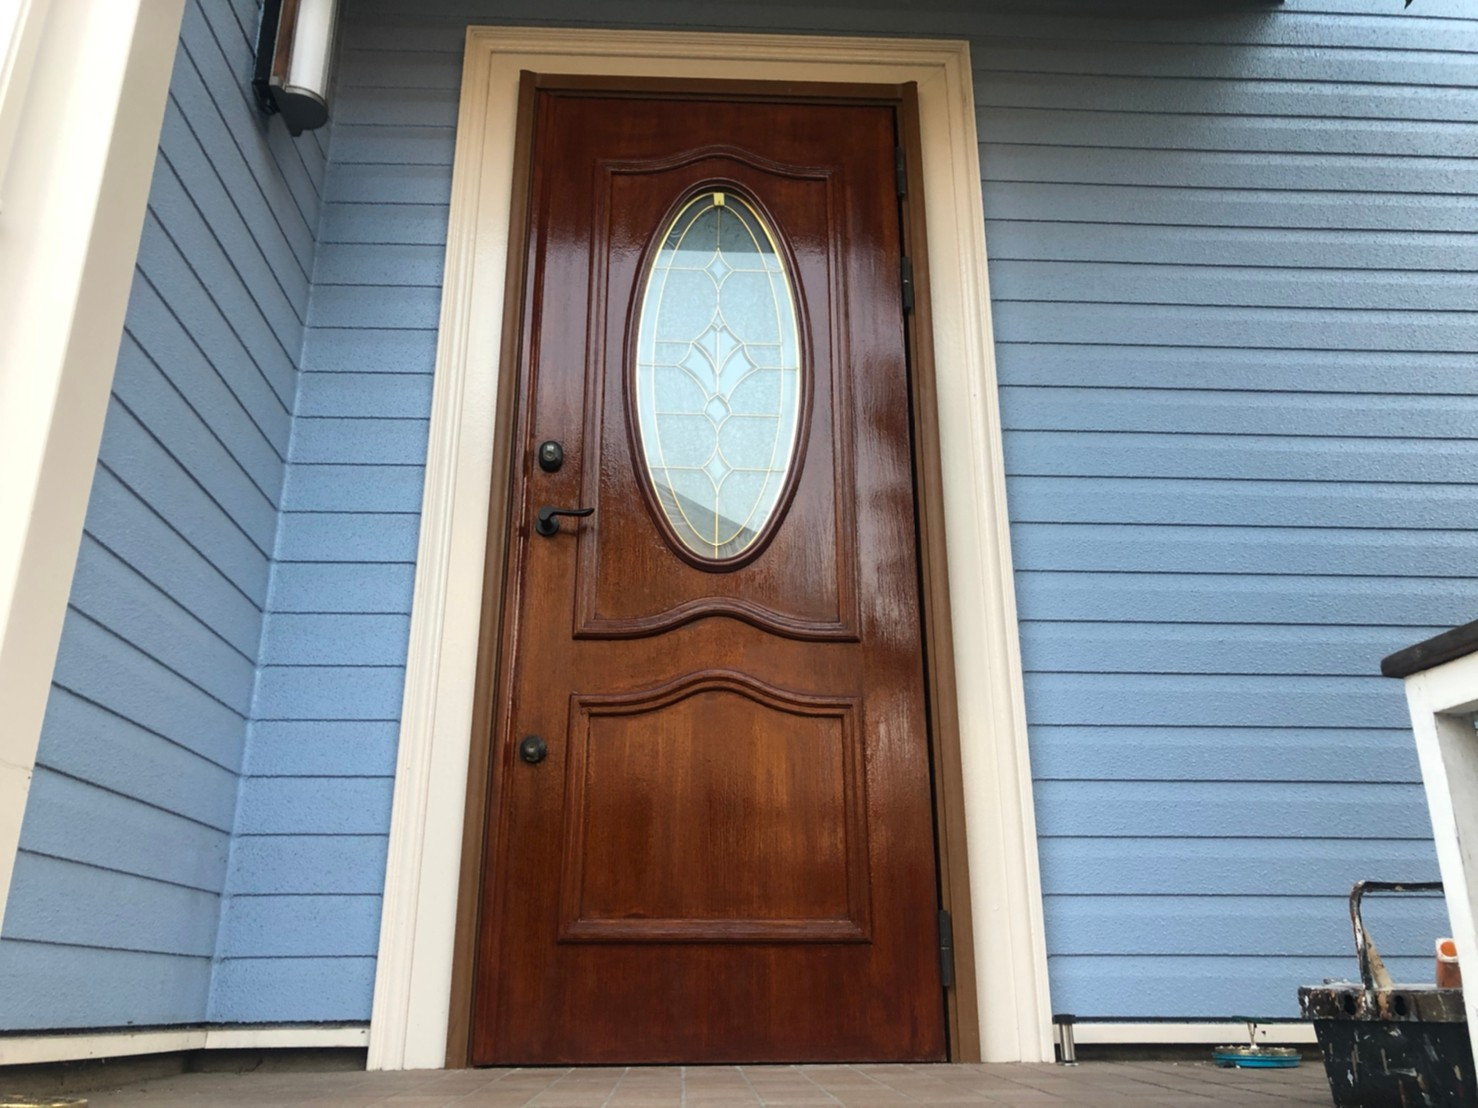 横浜市保土ヶ谷区上星川にて汚れが目立つようになってしまった木製玄関ドアにオスモカラーのウッドステインプロテクター(マホガニー)にて塗装工事を行いました、施工後写真